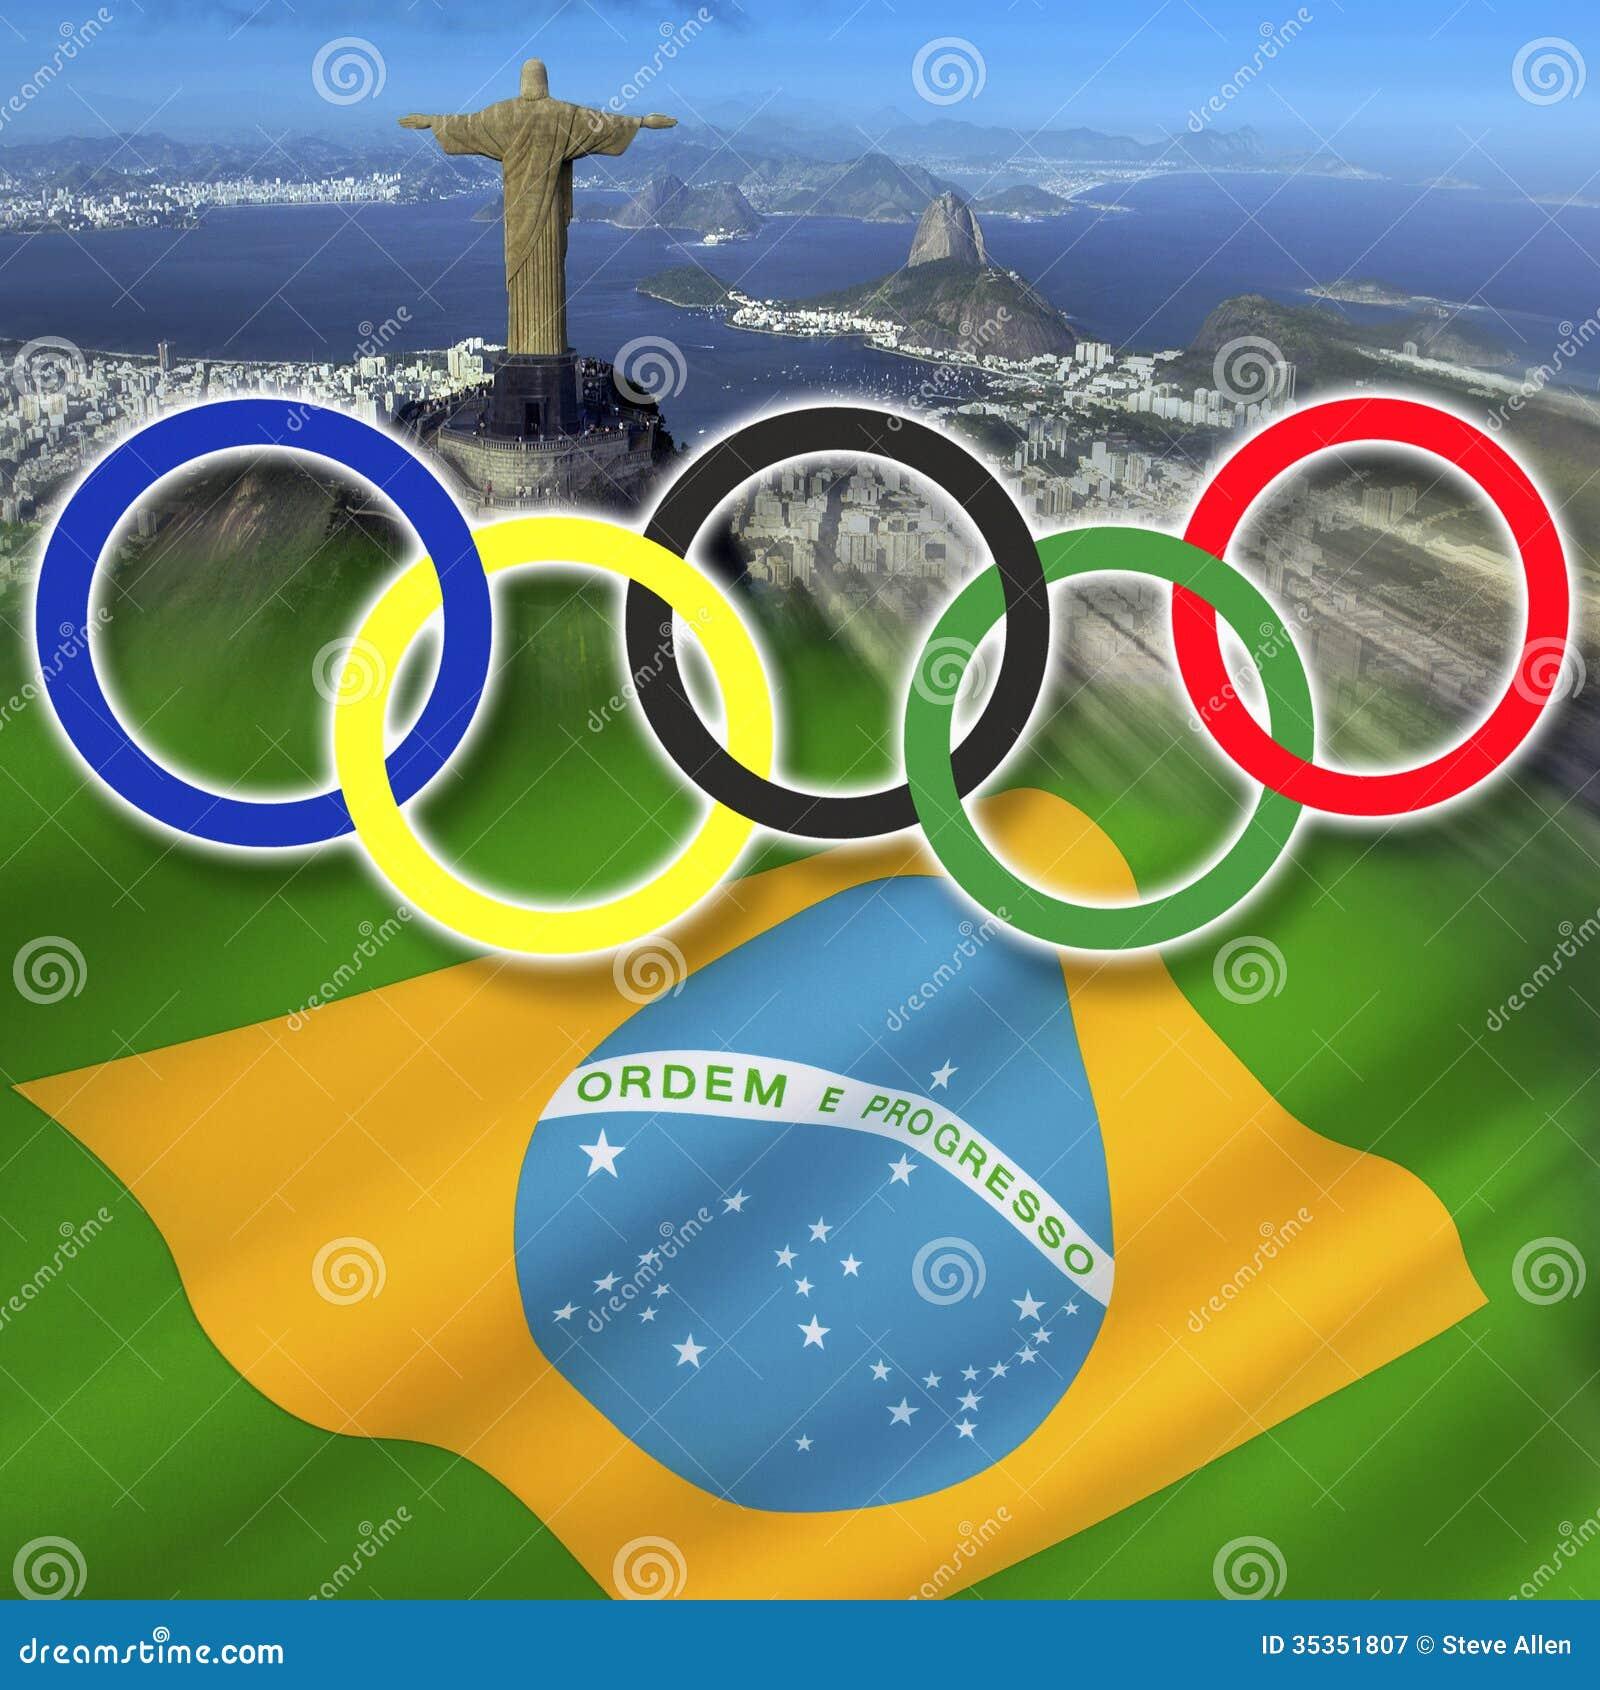 Rio de janeiro - Brasil - Jogos Olímpicos 2016